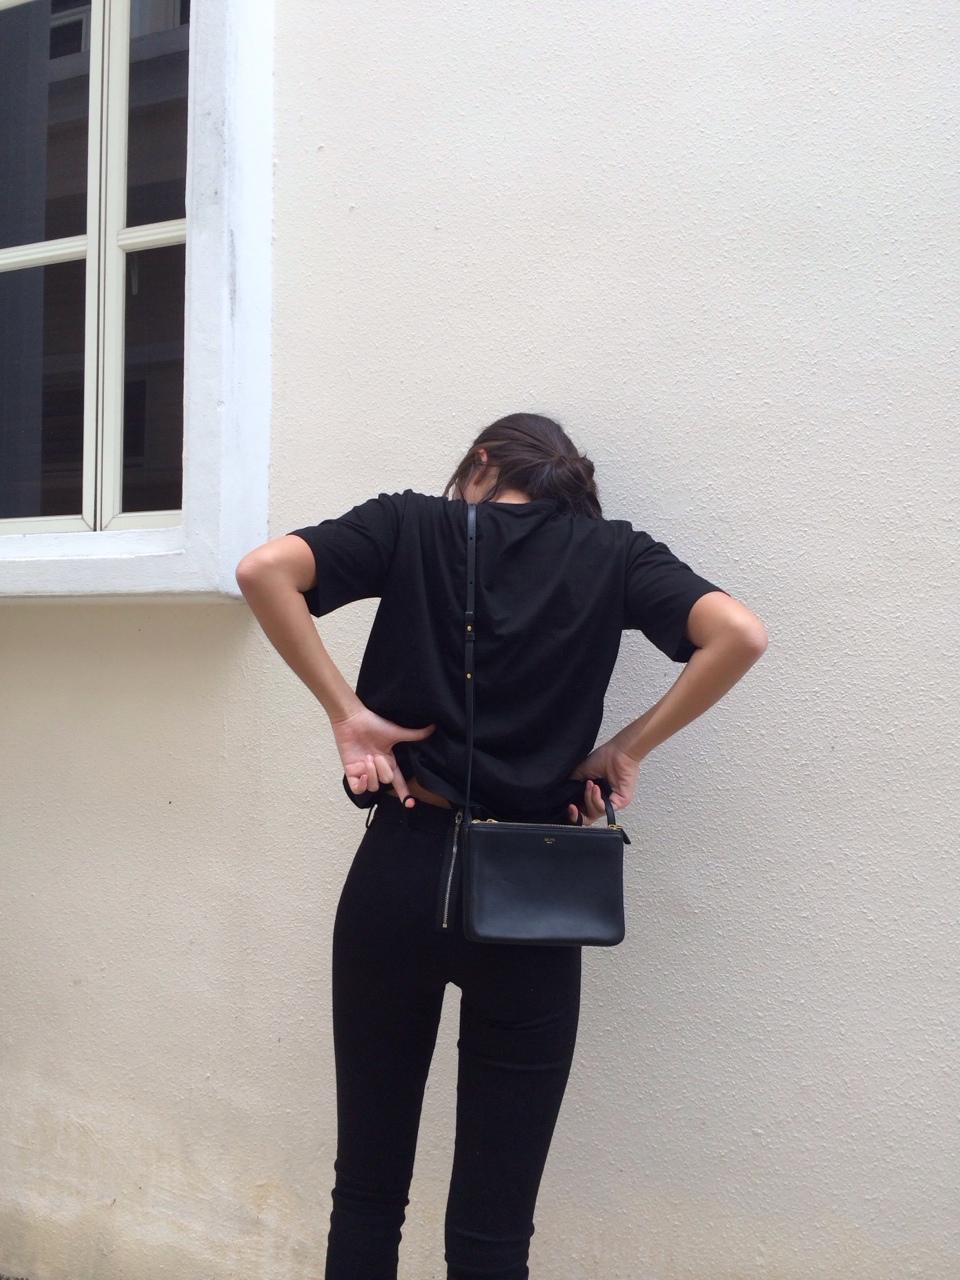 【黒ティーシャツコーデ】黒のTシャツでクールなスタイルっ♡のサムネイル画像